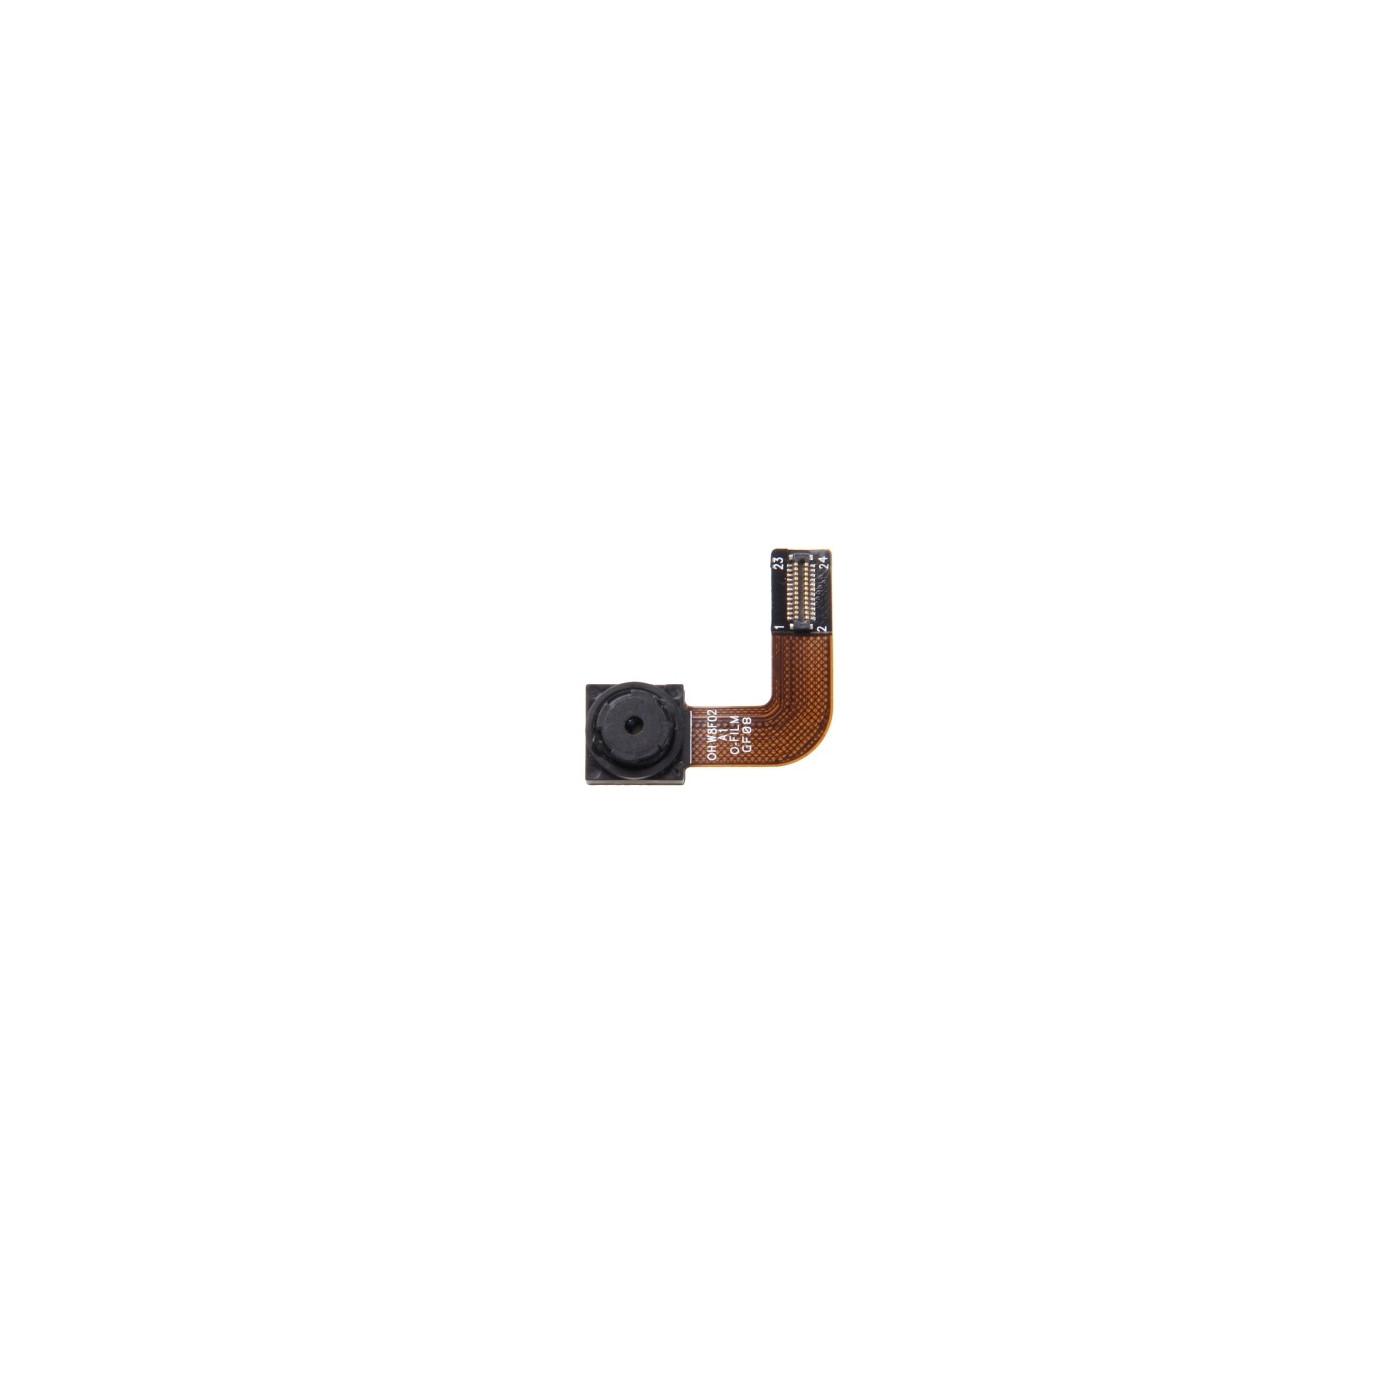 Frontkamera für Huawei P8 Flat Flex Kamera Ersatz